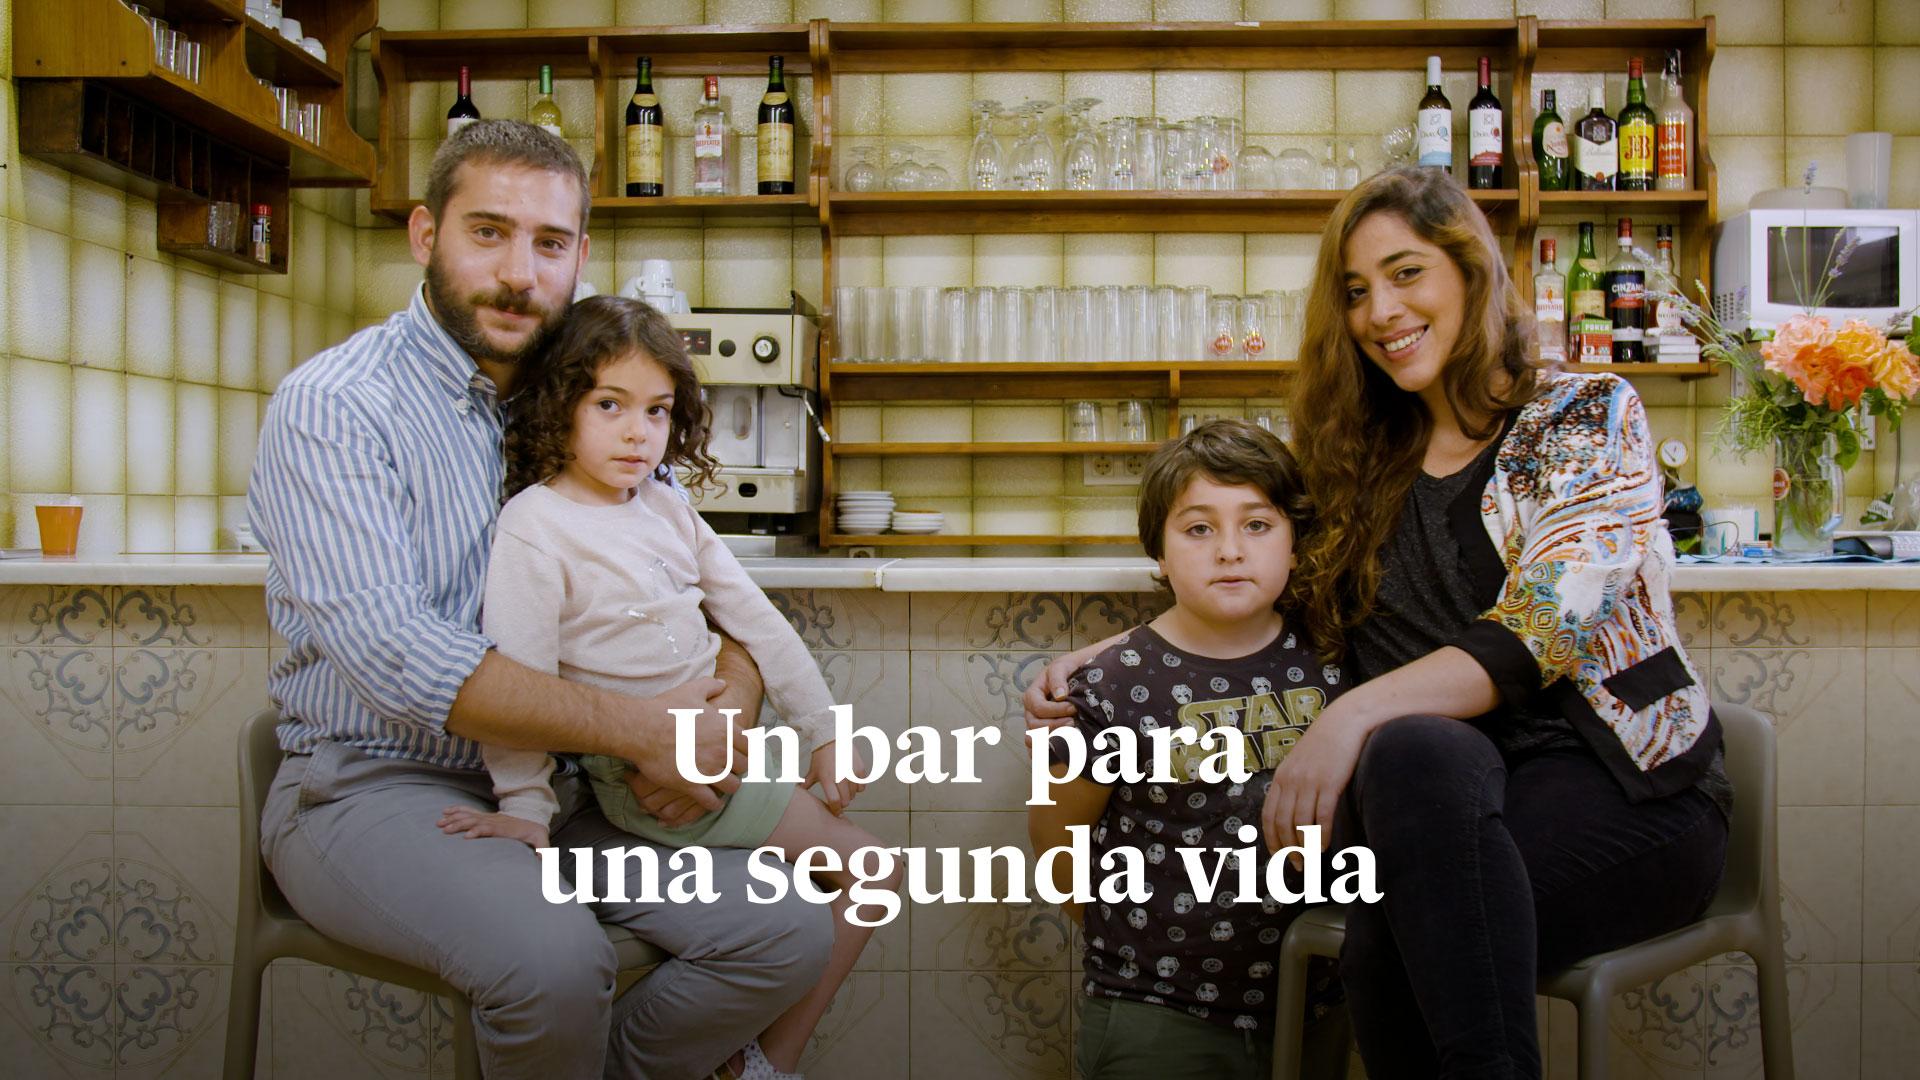 Videorreportaje | La familia argentina que devolvió la vida al único bar de un pueblo de la España vaciada